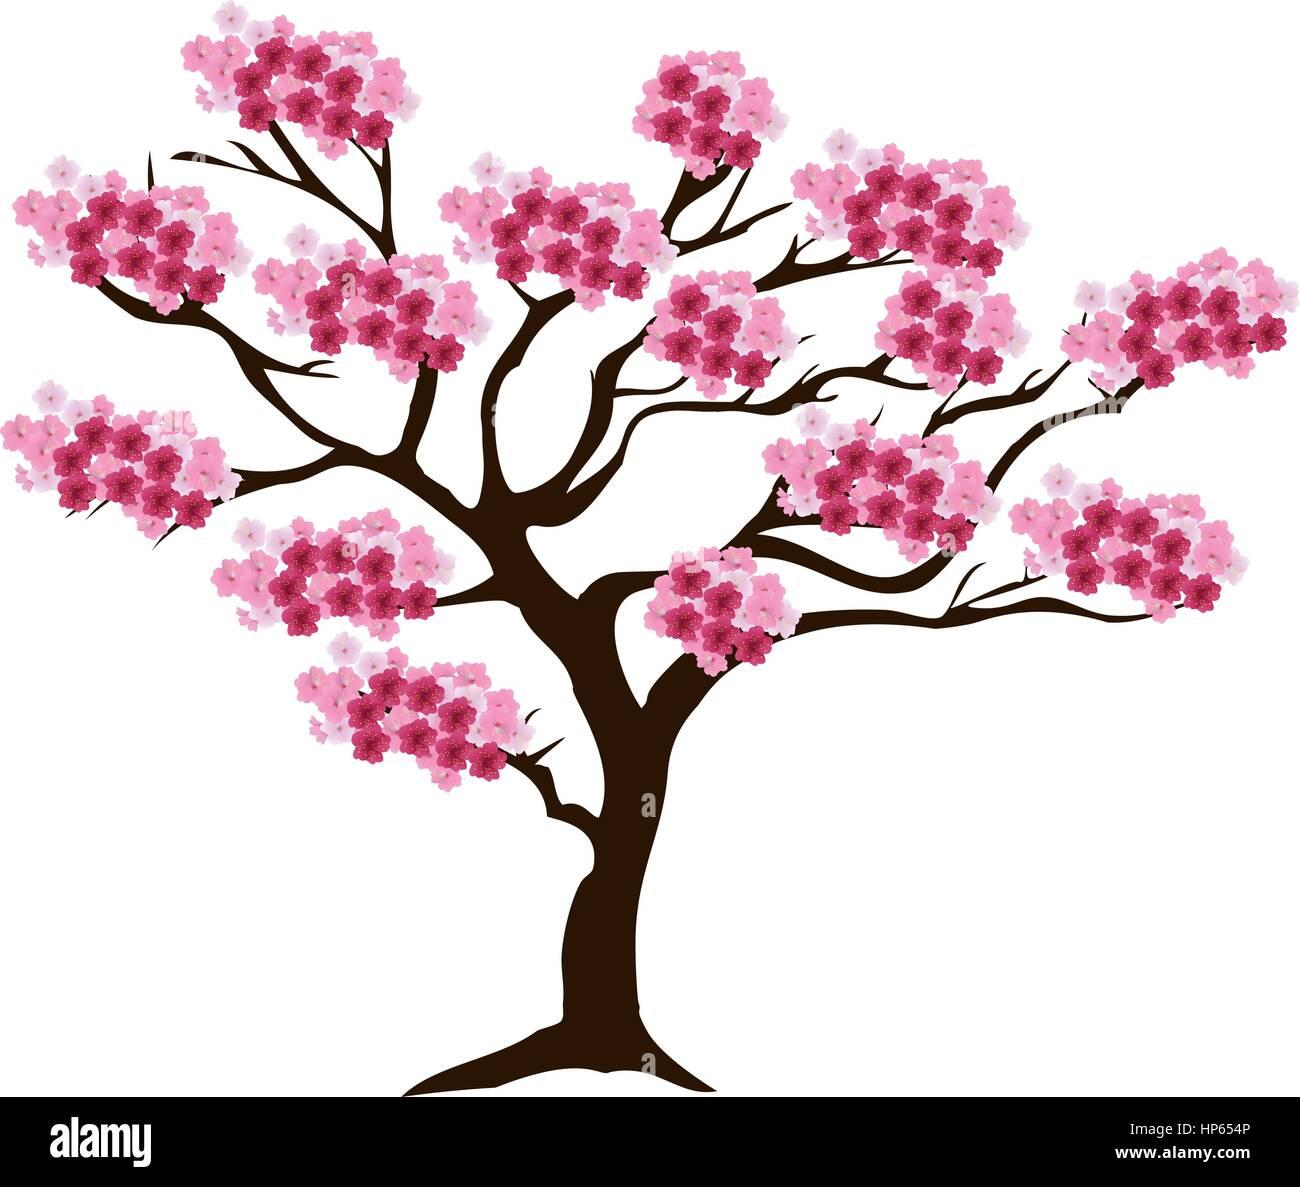 vektor illustration von einem kirschbaum in bl te sacura baum ein japanisches symbol vektor. Black Bedroom Furniture Sets. Home Design Ideas